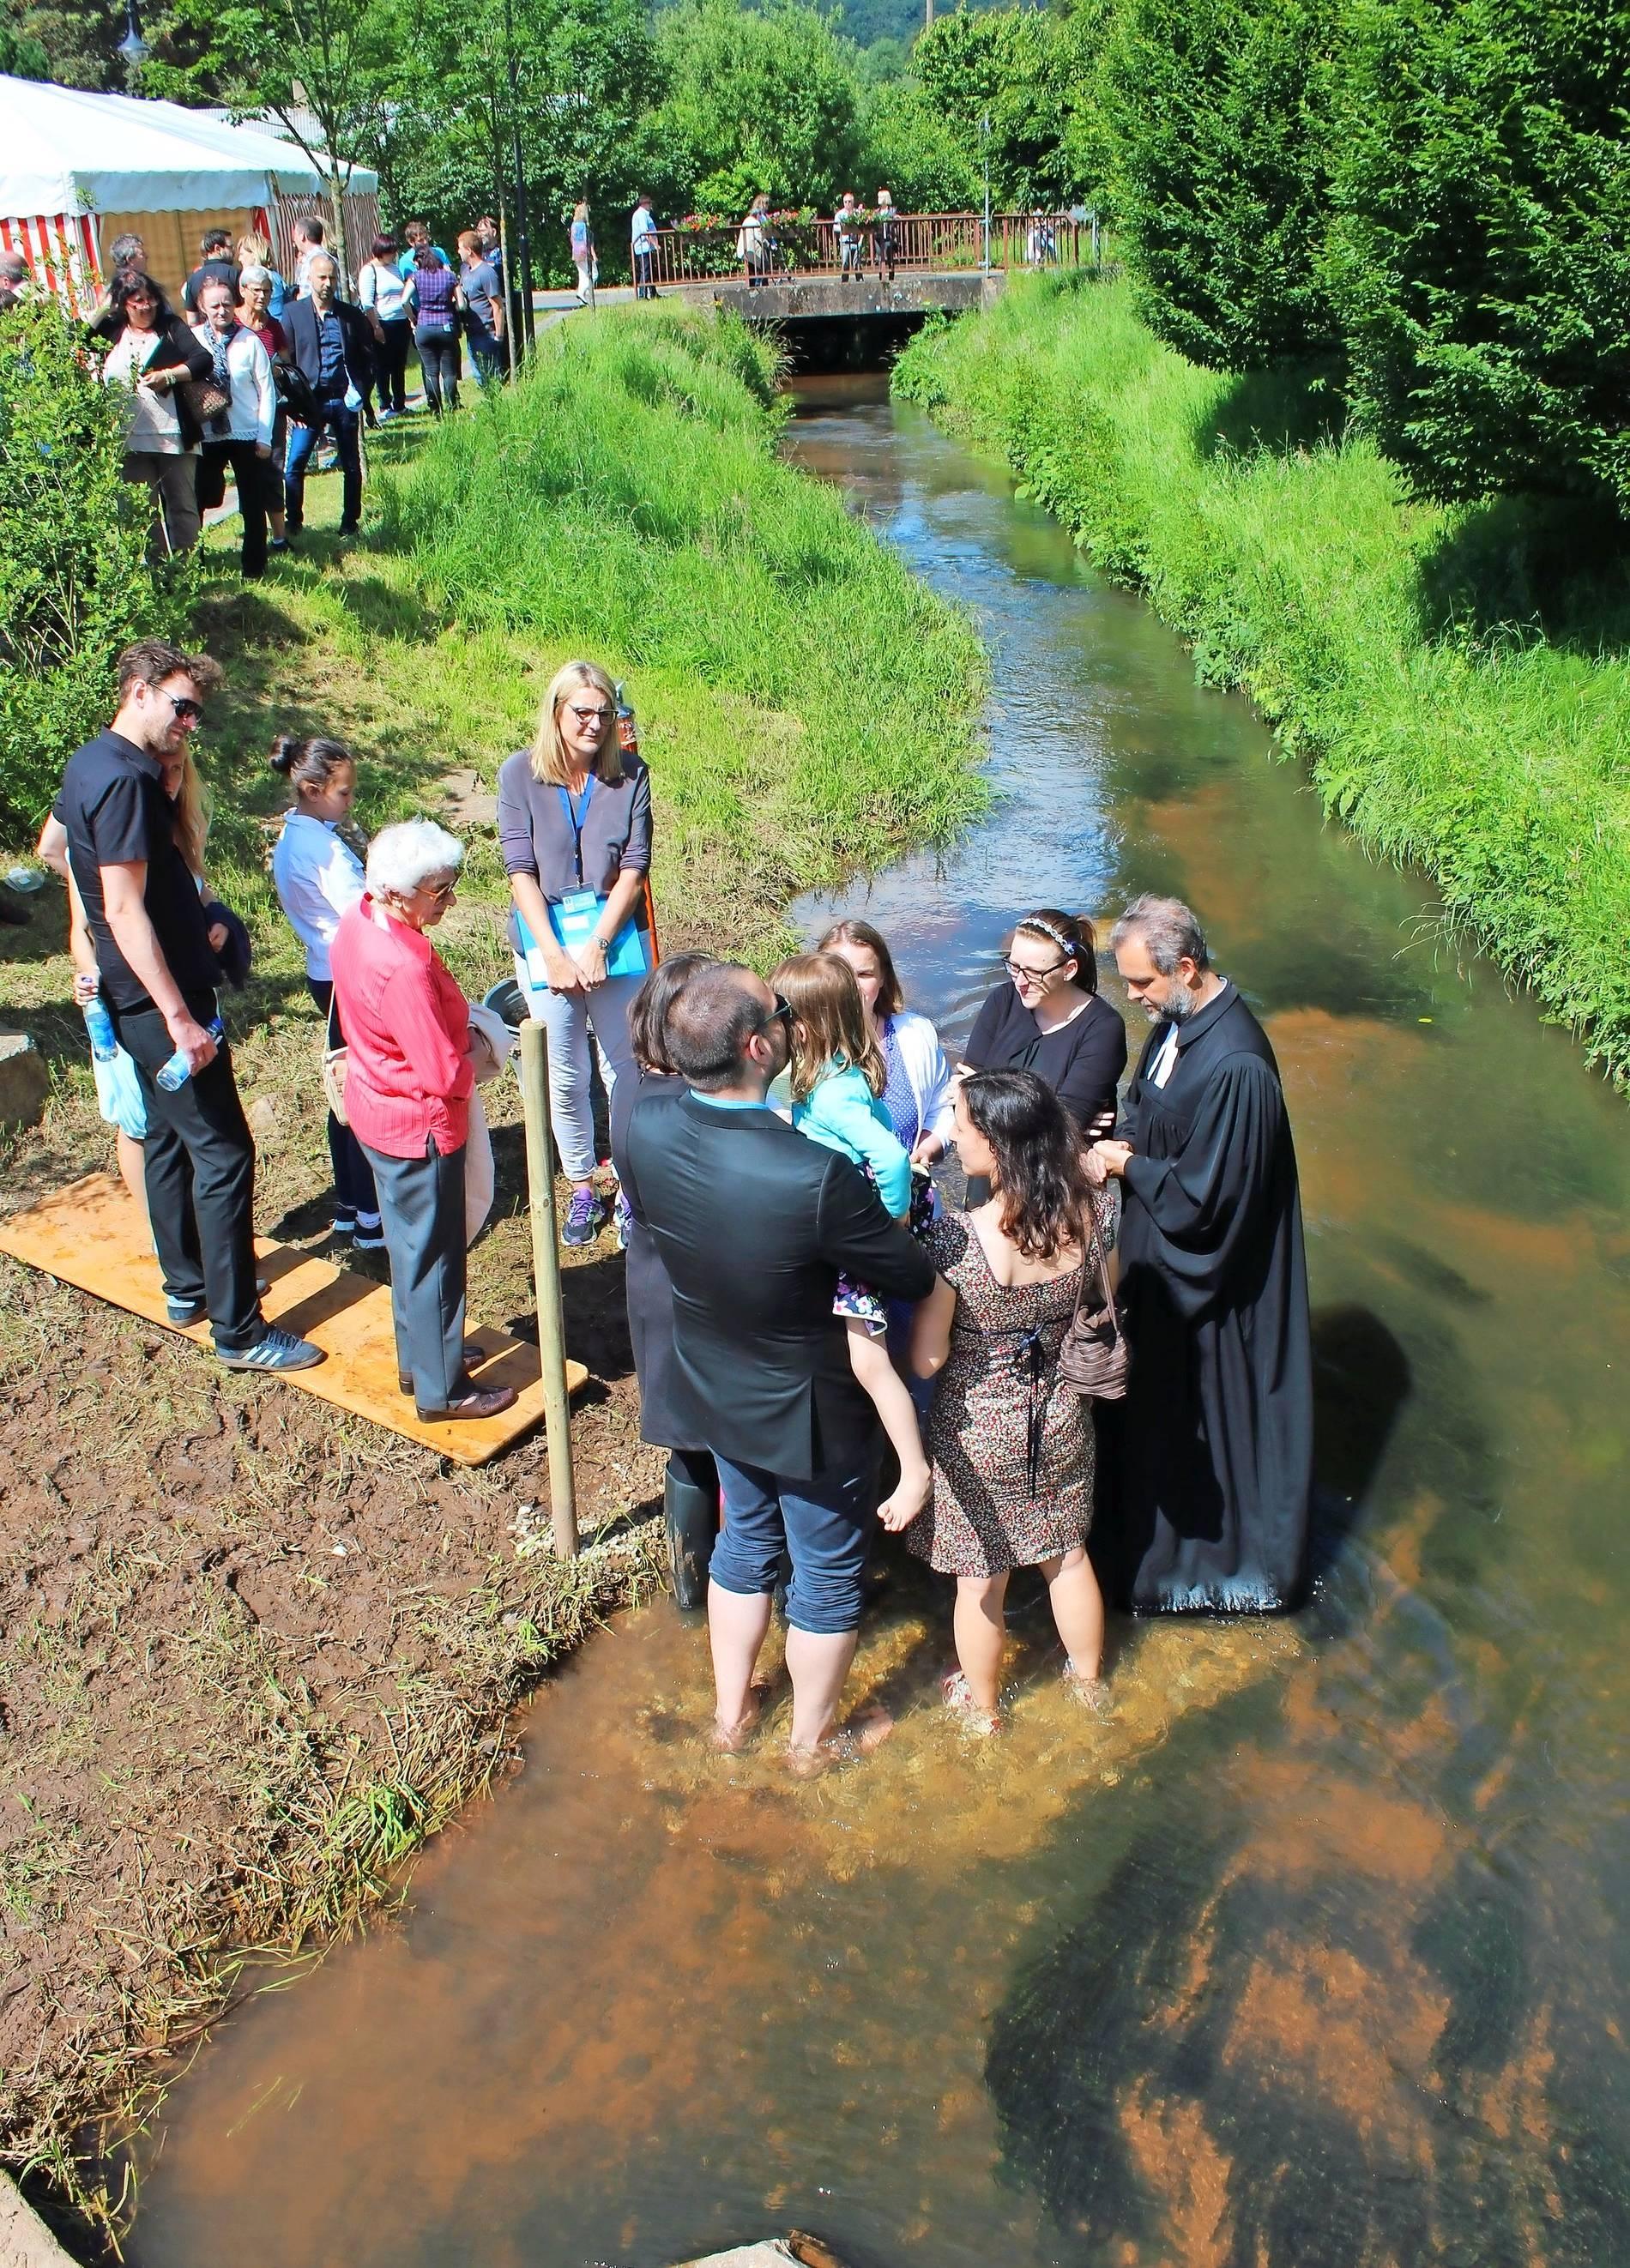 Anmeldung Zur Taufe Am Bach Noch Bis Mitte Mai Möglich